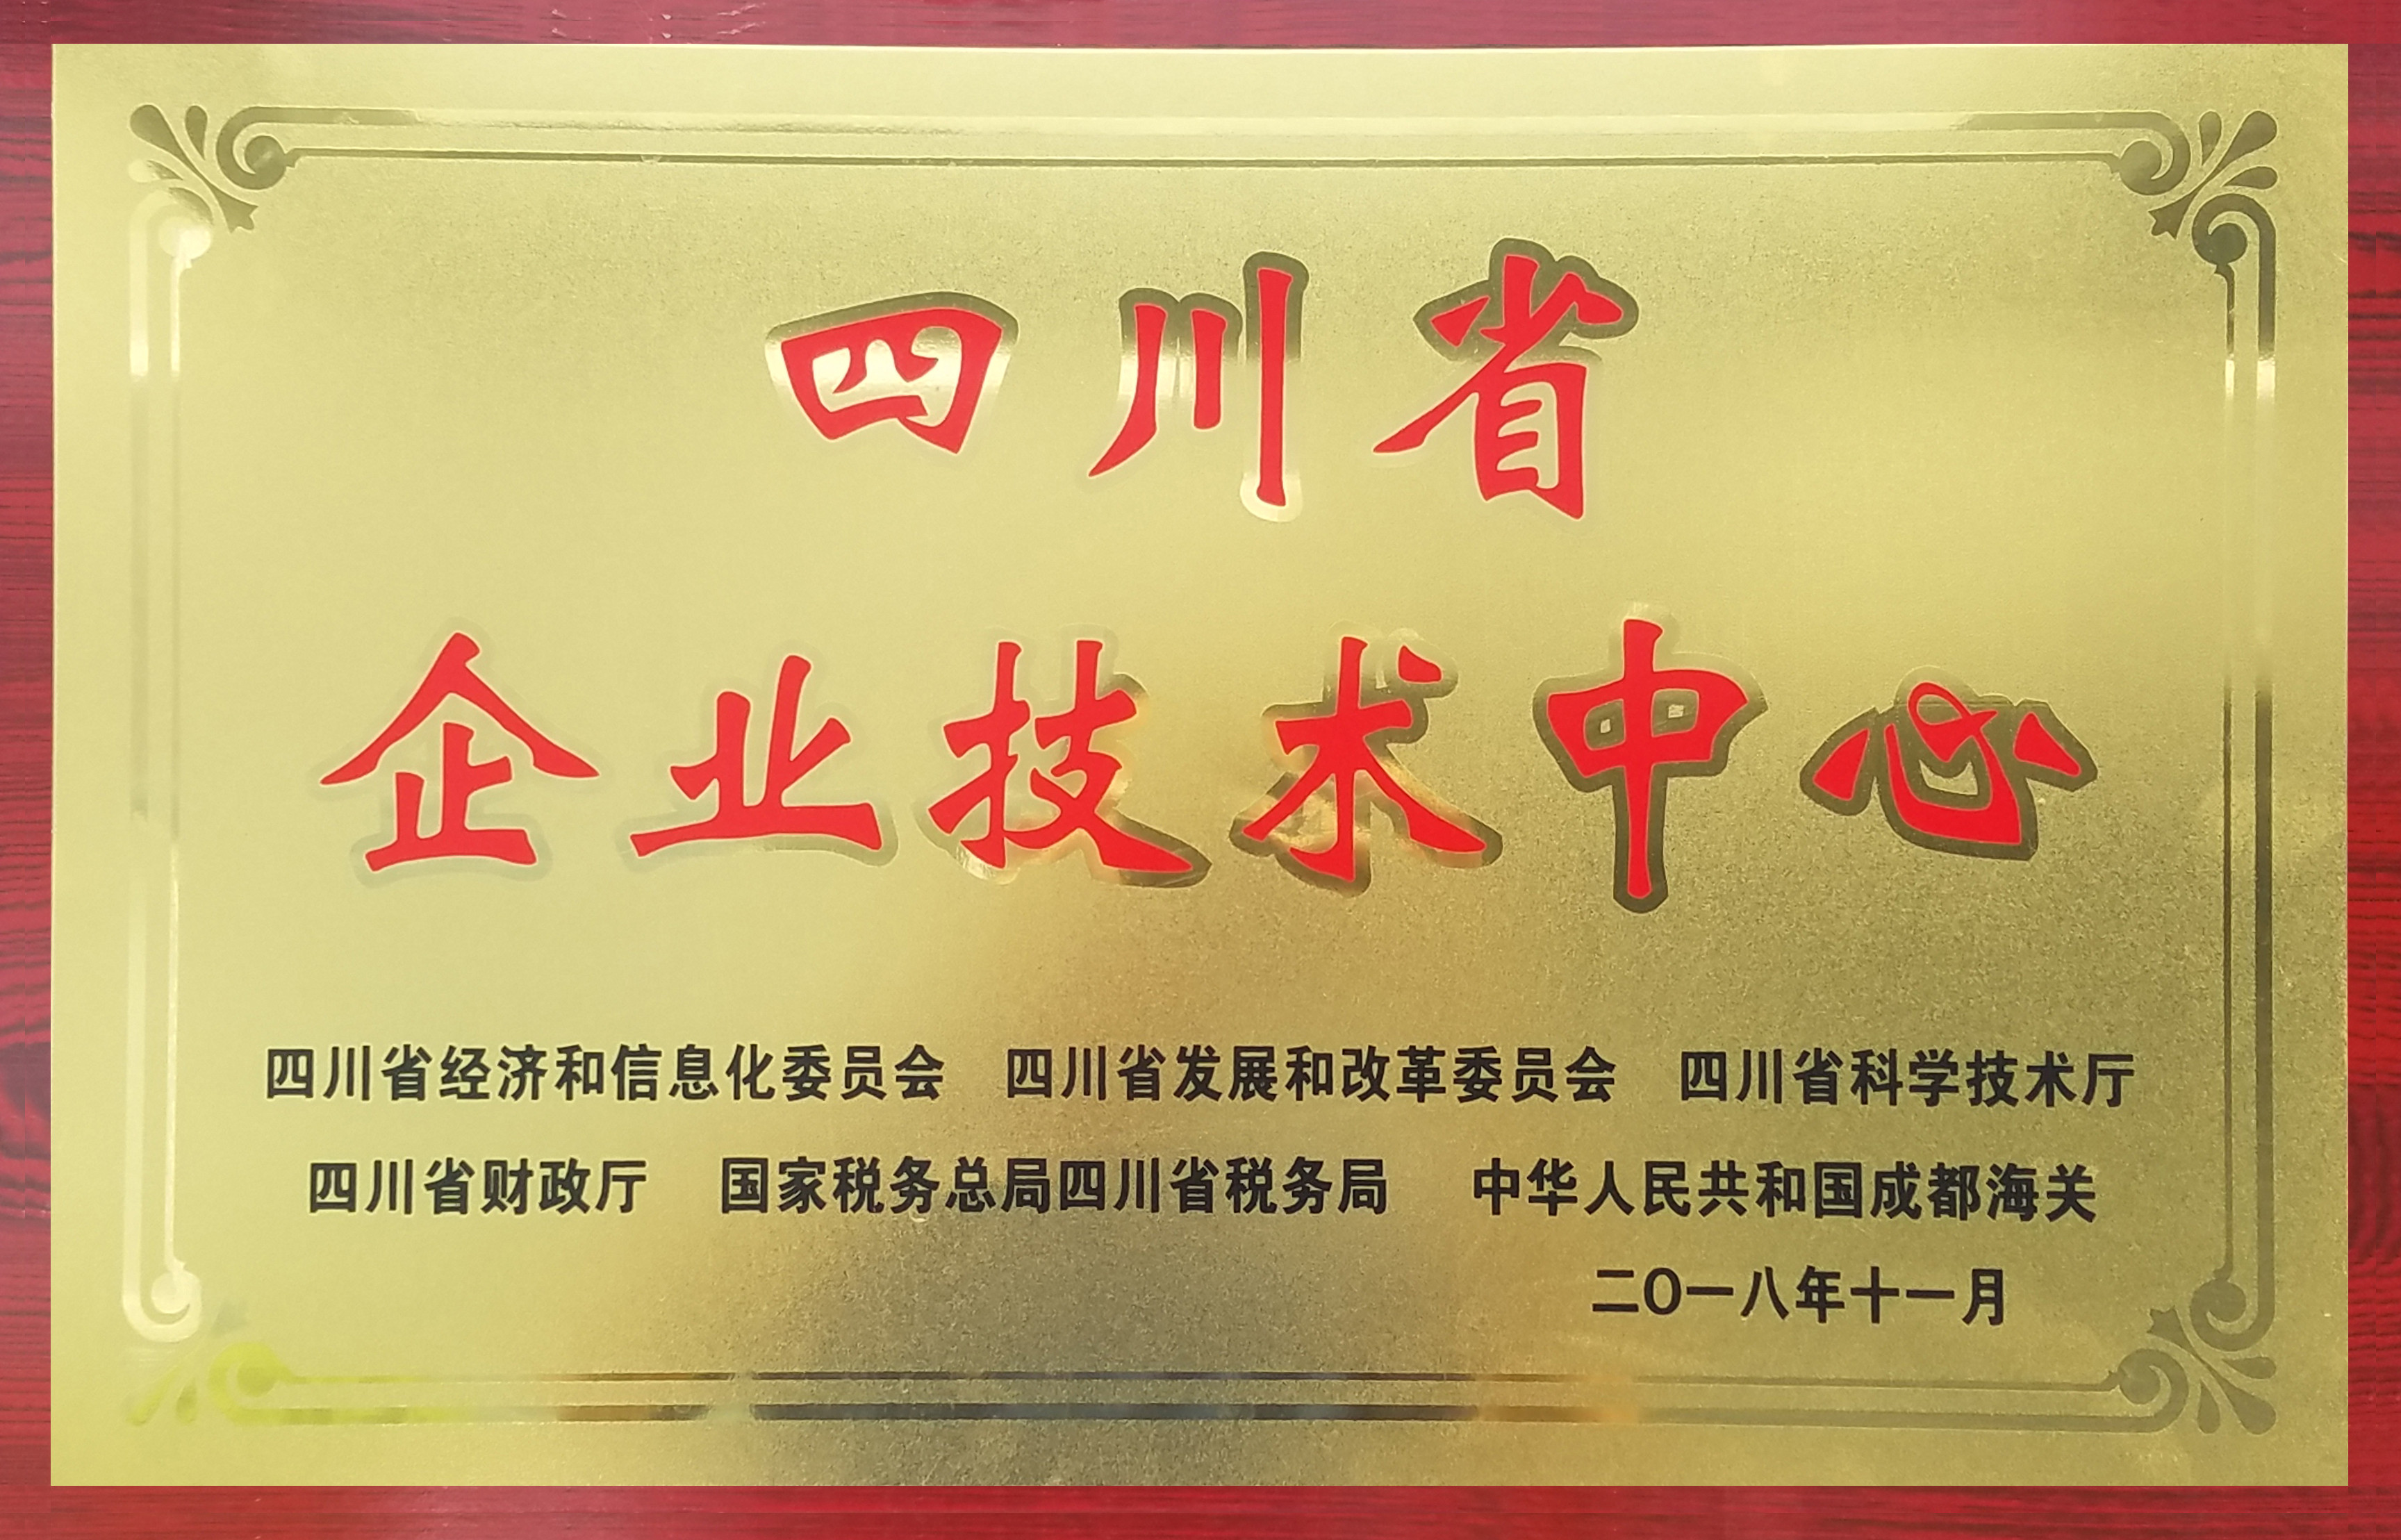 四川企业技术中心